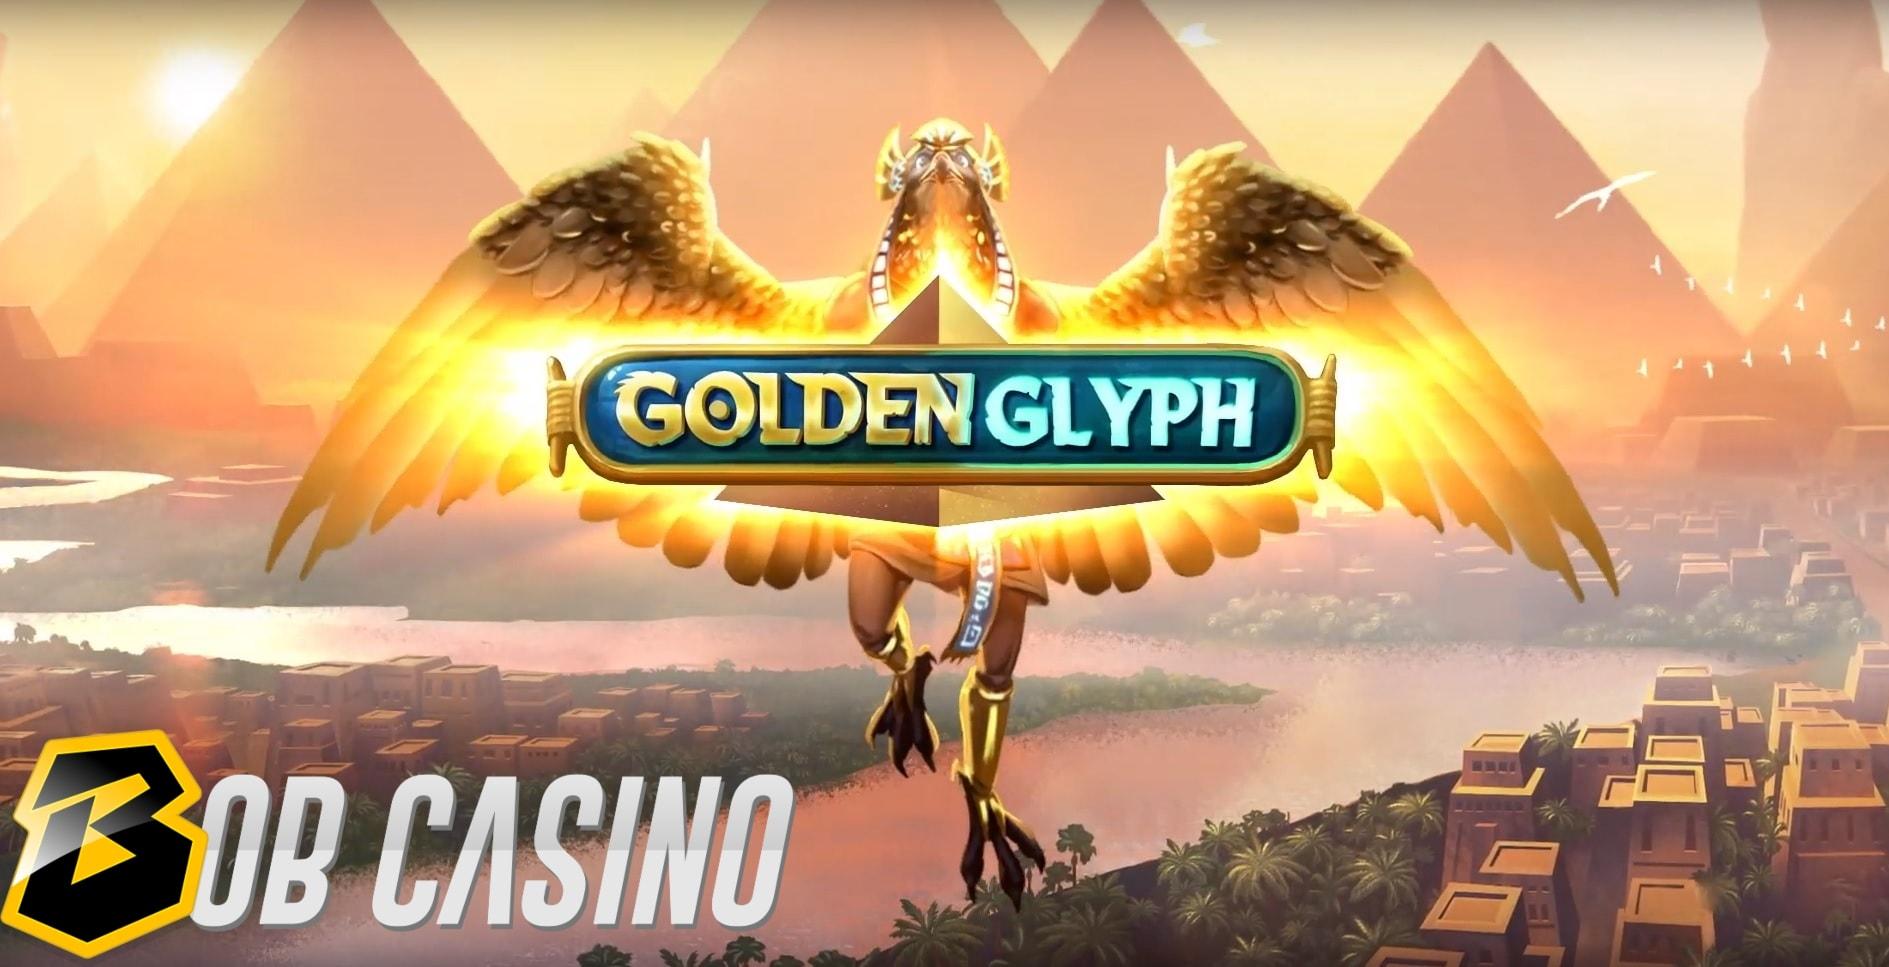 Golden Glyph Slot Review (Quickspin)